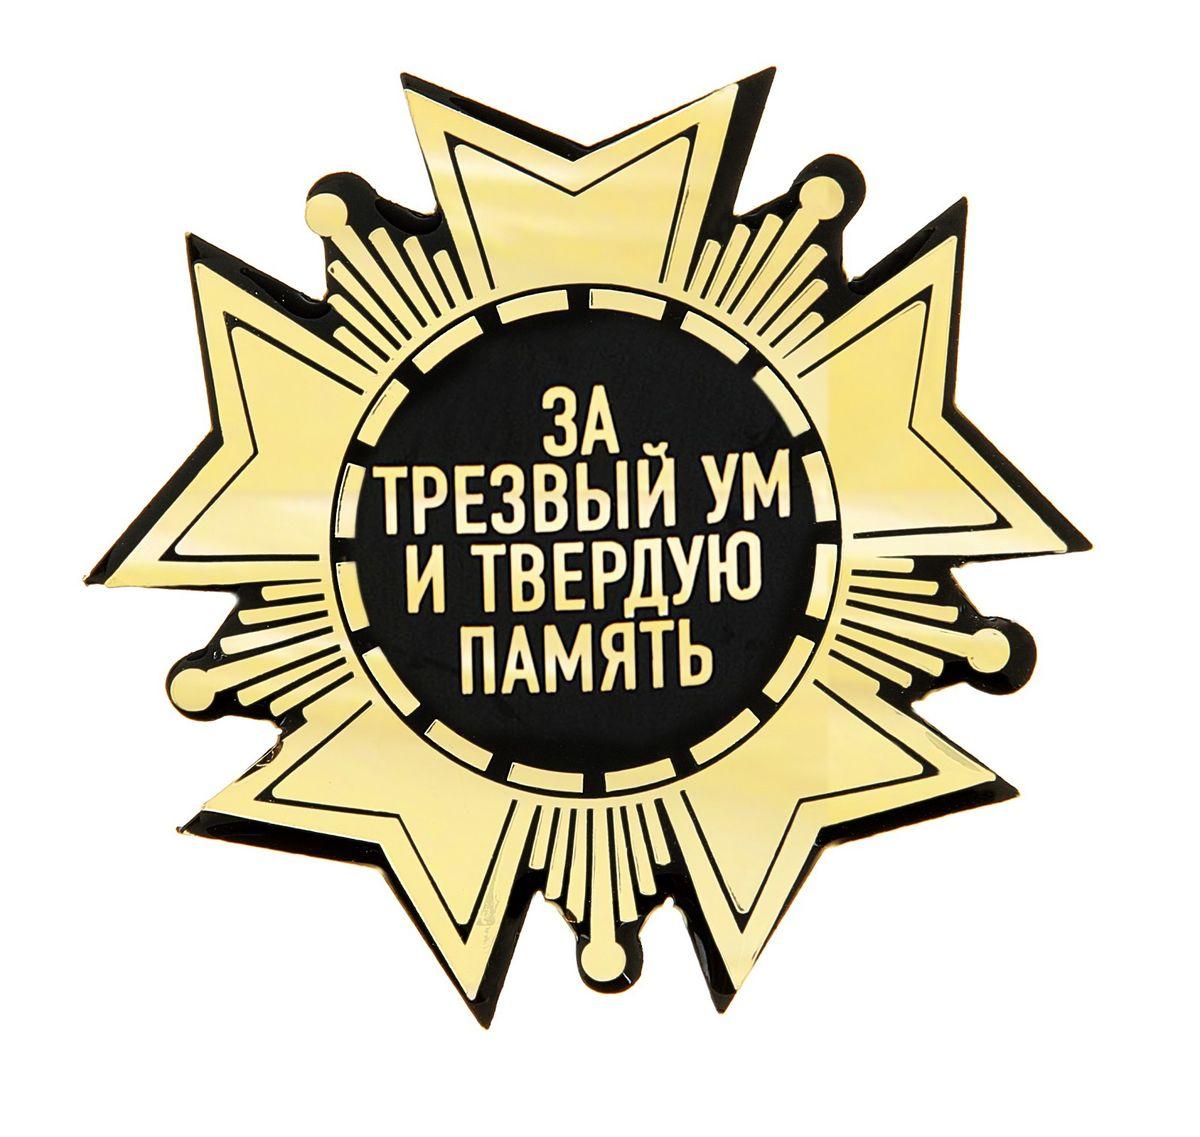 Декоративный магнит Sima-land За трезвый ум и твердую память, 6 см х 6 см свеча ароматизированная sima land лимон на подставке высота 6 см